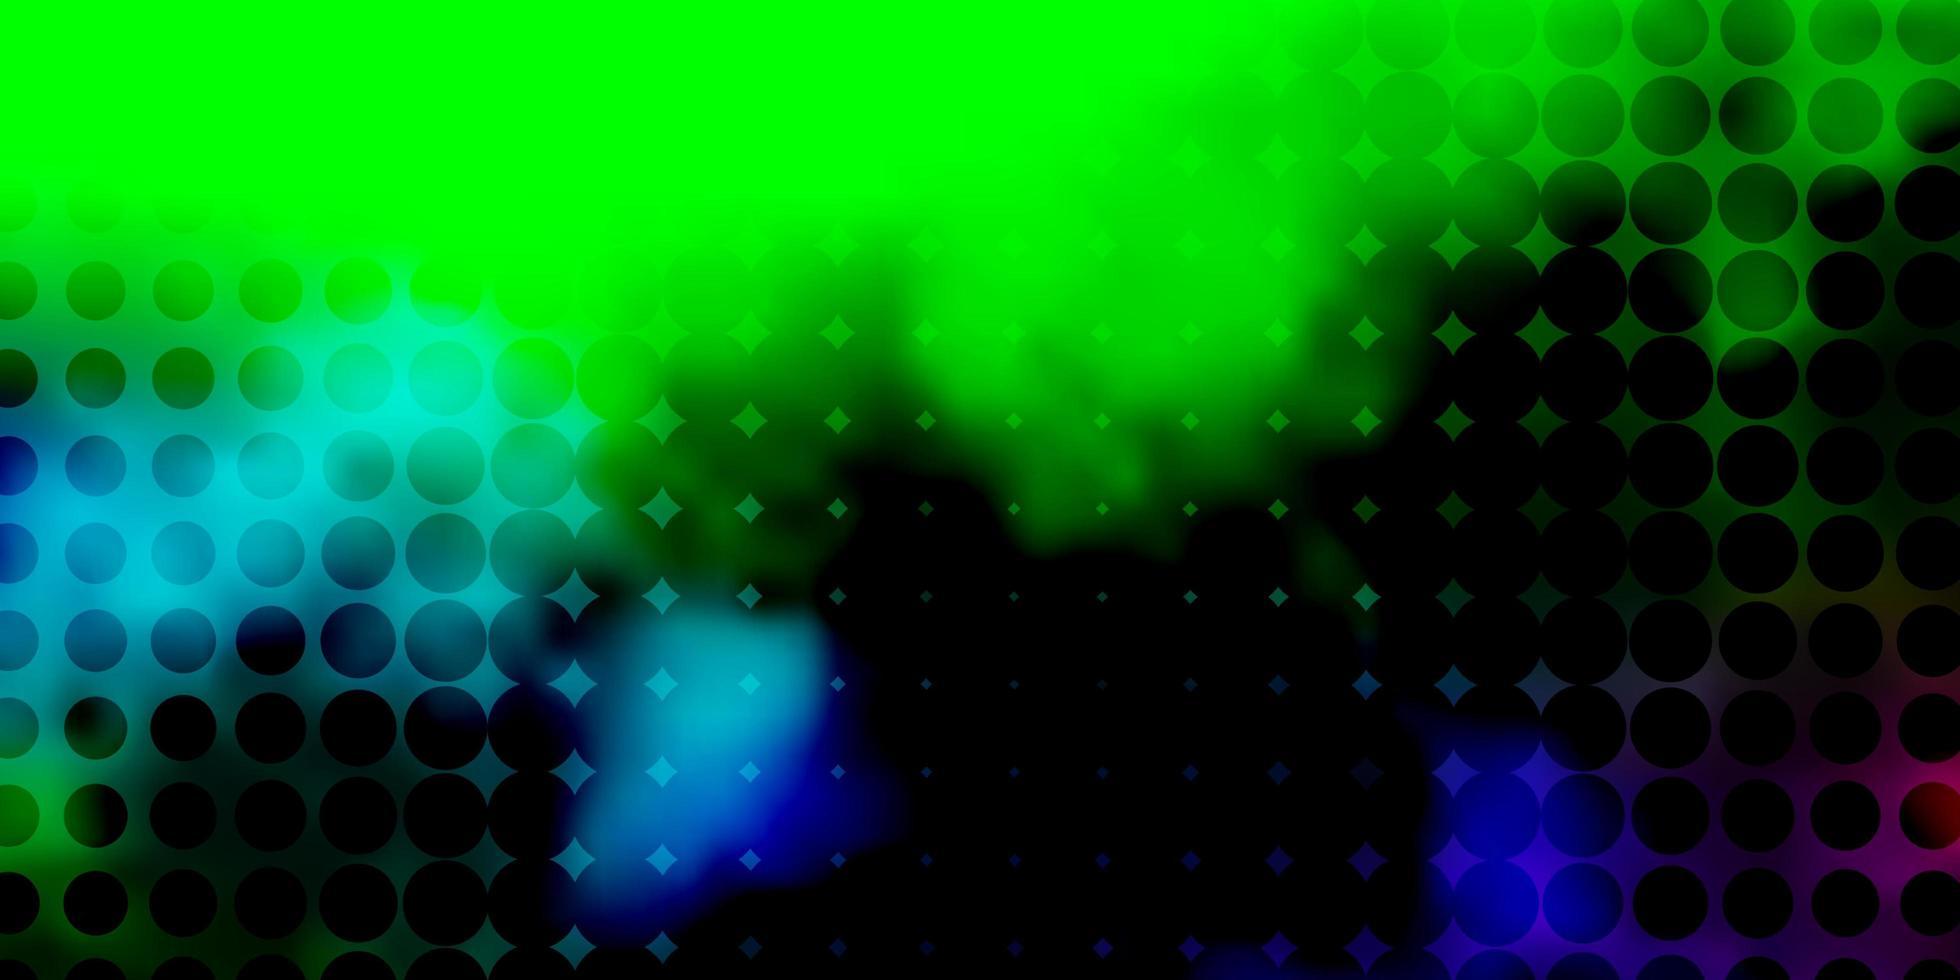 fond de vecteur multicolore sombre avec des cercles.